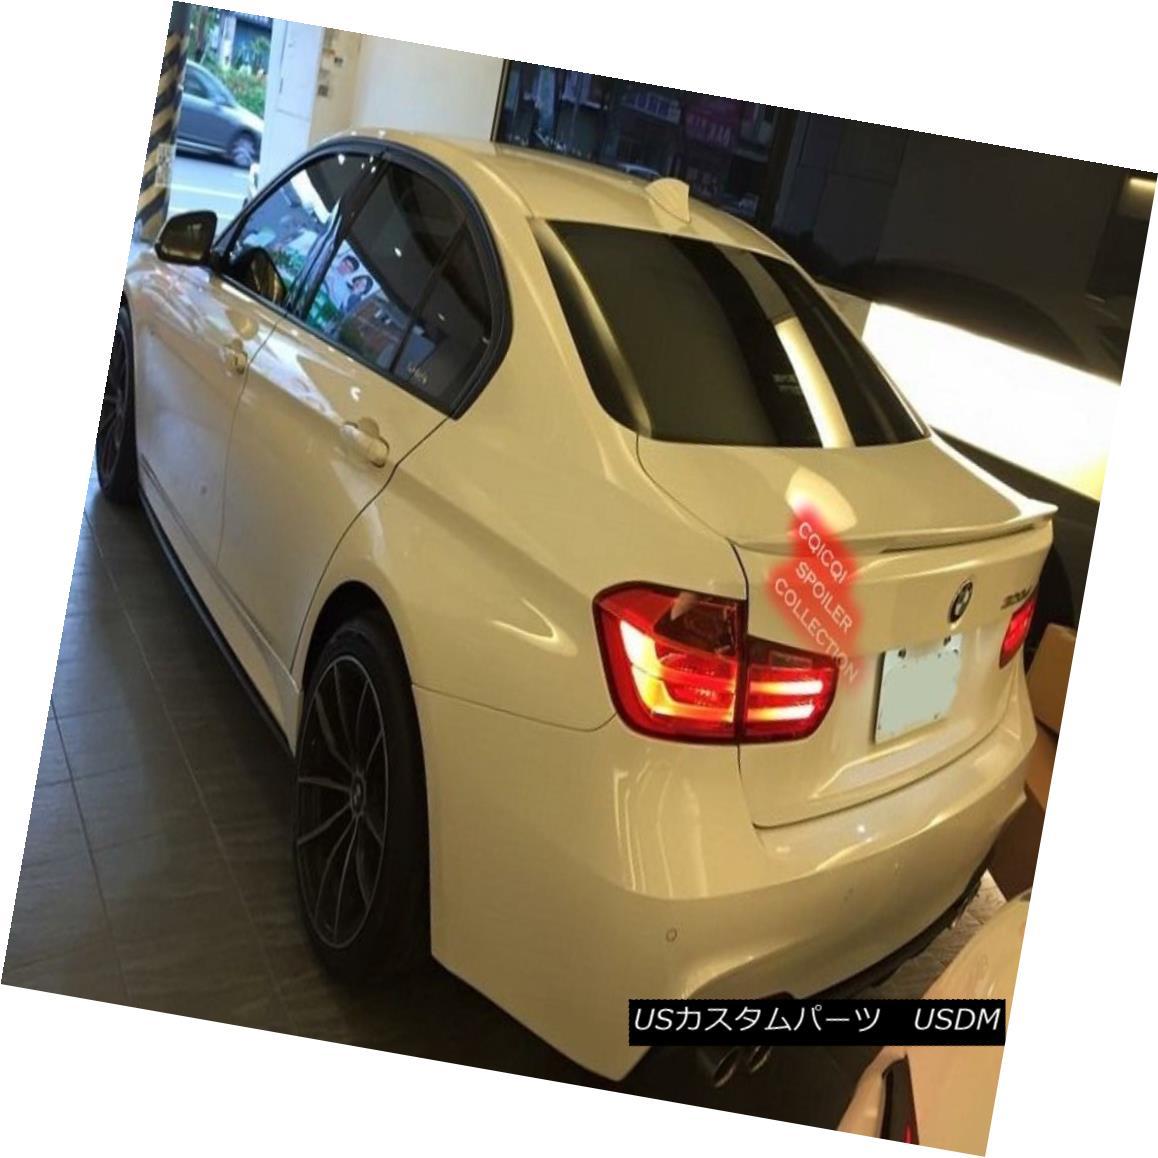 エアロパーツ Painted BMW F30 3-series Sedan Performance style trunk spoiler color-A83 ◎ ペイントされたBMW F30 3シリーズセダンパフォーマンススタイルトランクスポイラーカラーA83?